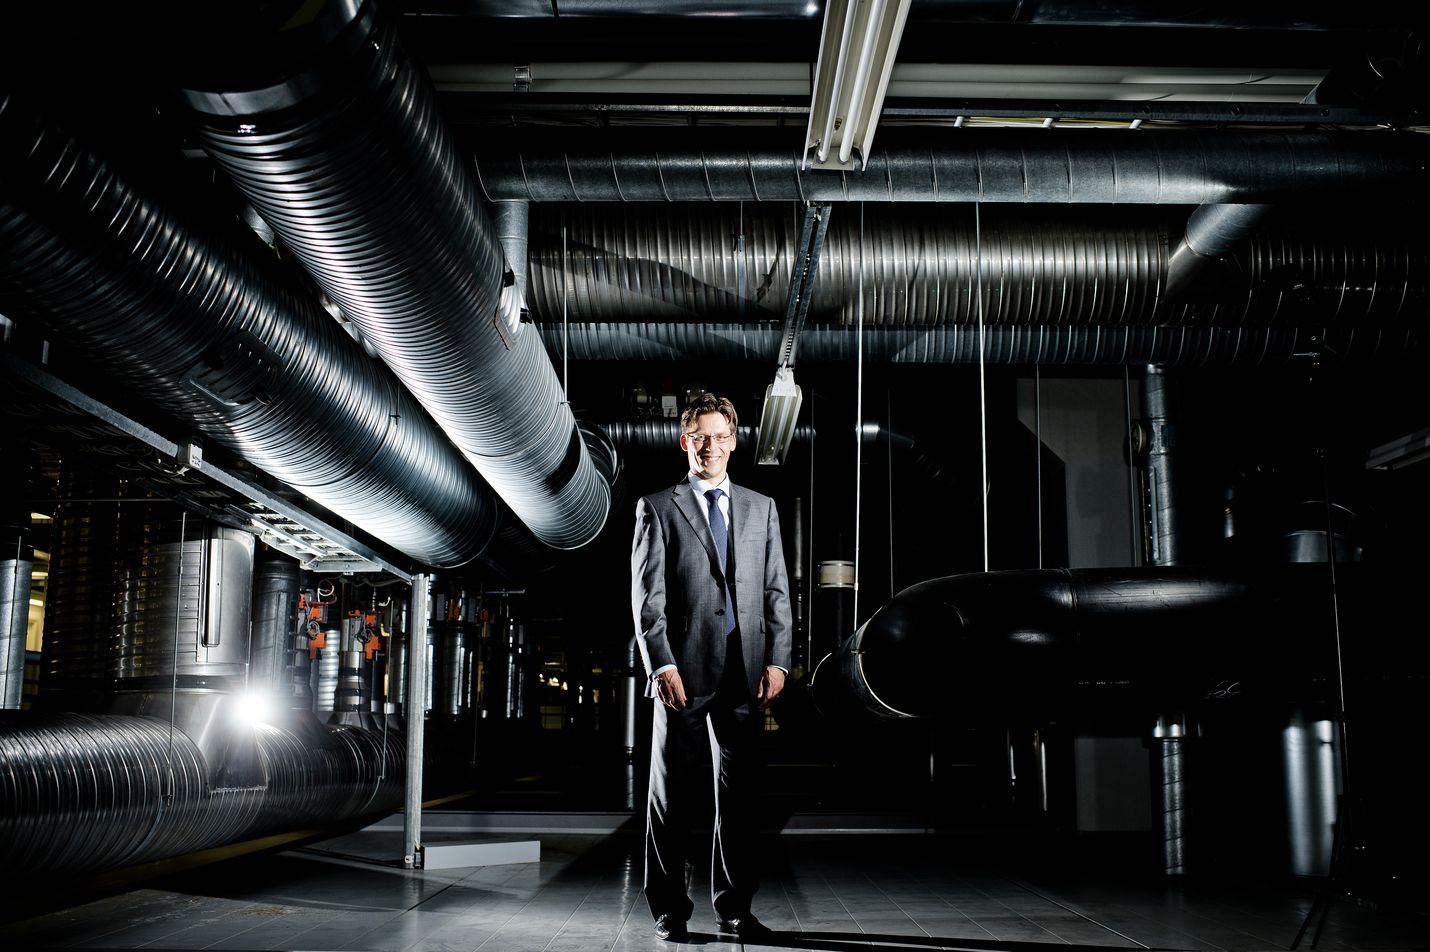 Säteilyturvakeskuksen pääjohtaja Petteri Tiippana sanoo, että kolmen yksikön siirtäminen uudeksi osastoksi ja uuden johtajan alaisuuteen kertoo yksiköiden työn merkityksestä.